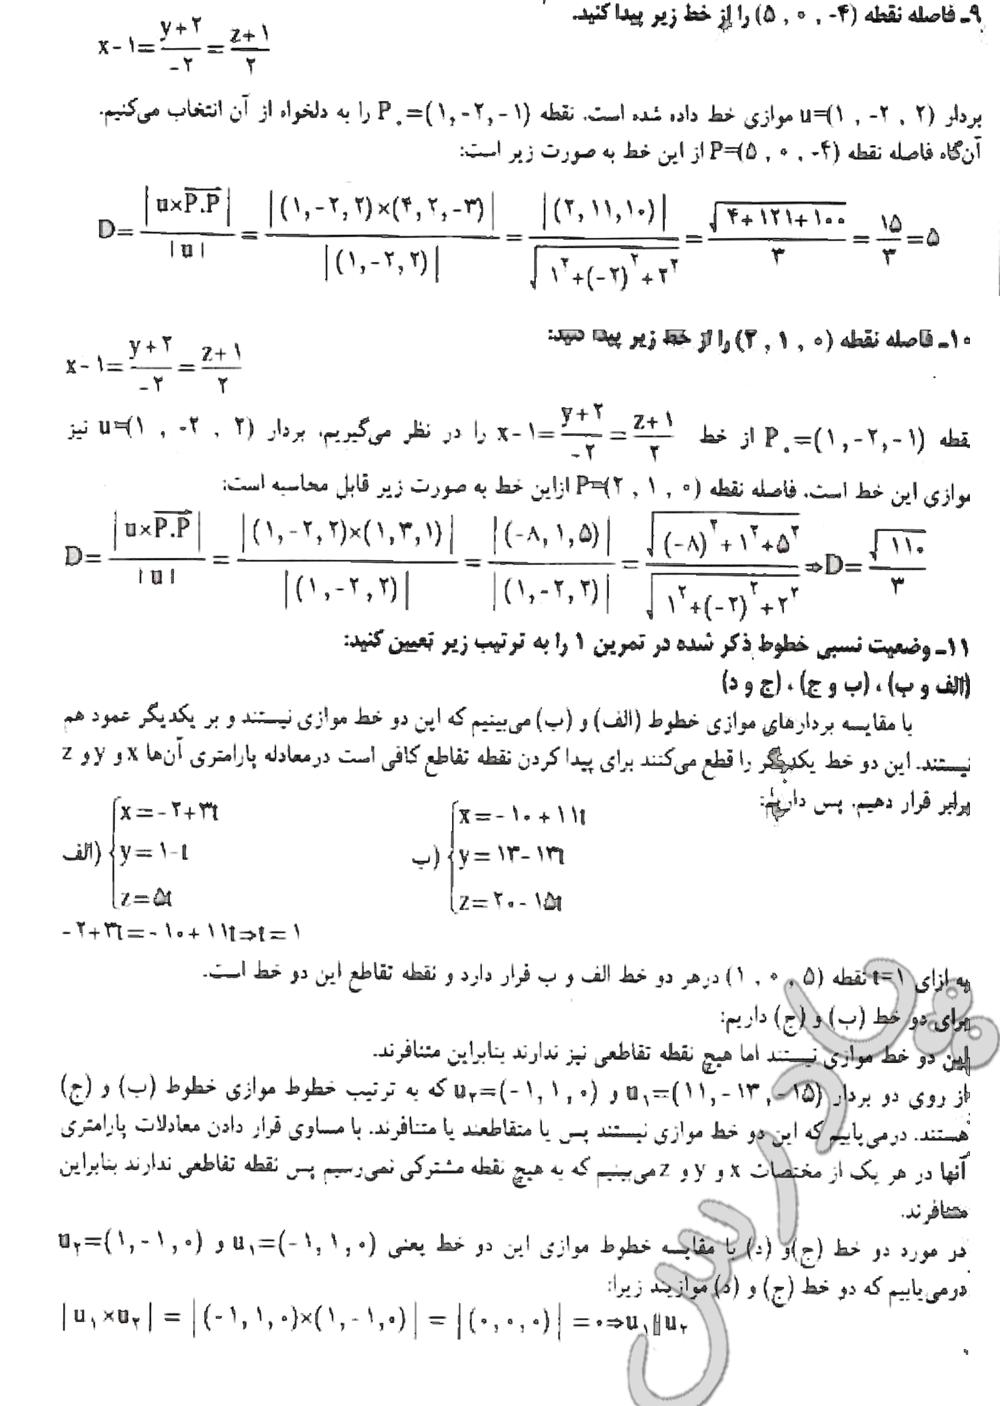 حل تمرین 9 تا 11 صفحه 41 فصل دوم هندسه تحلیلی پیش دانشگاهی